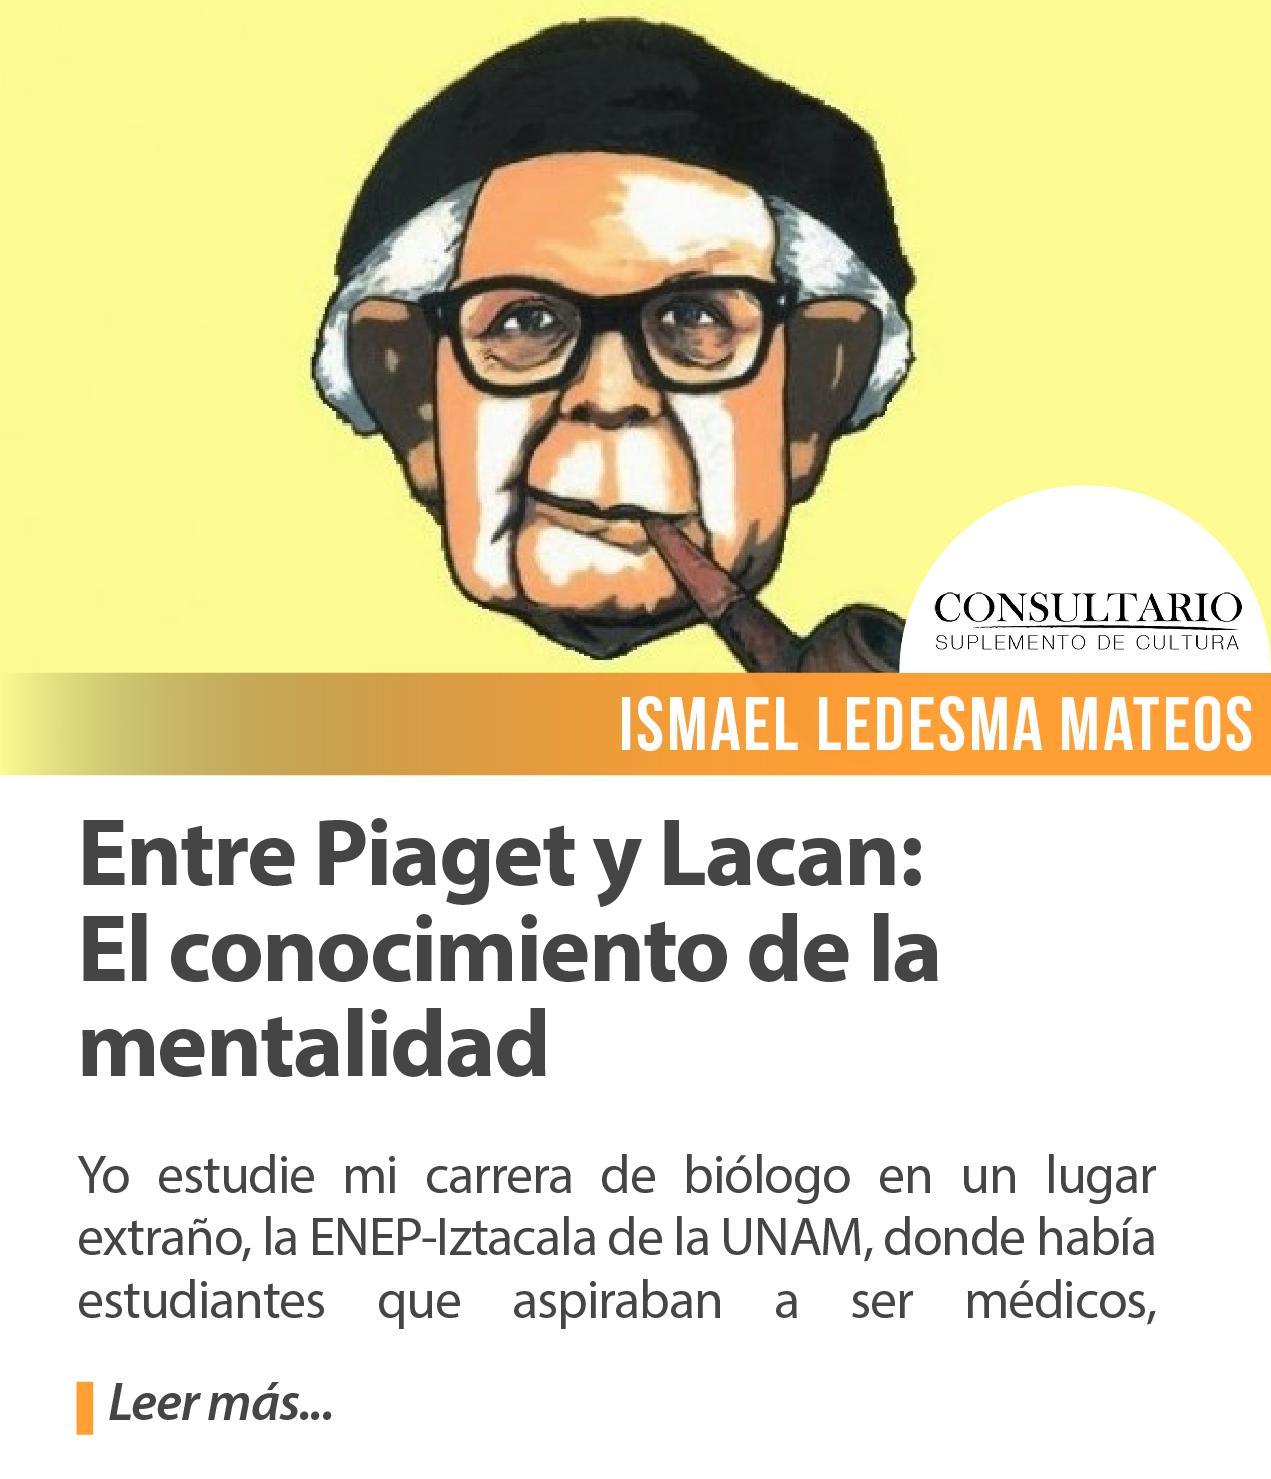 Entre Piaget y Lacan: el conocimiento de la mentalidad